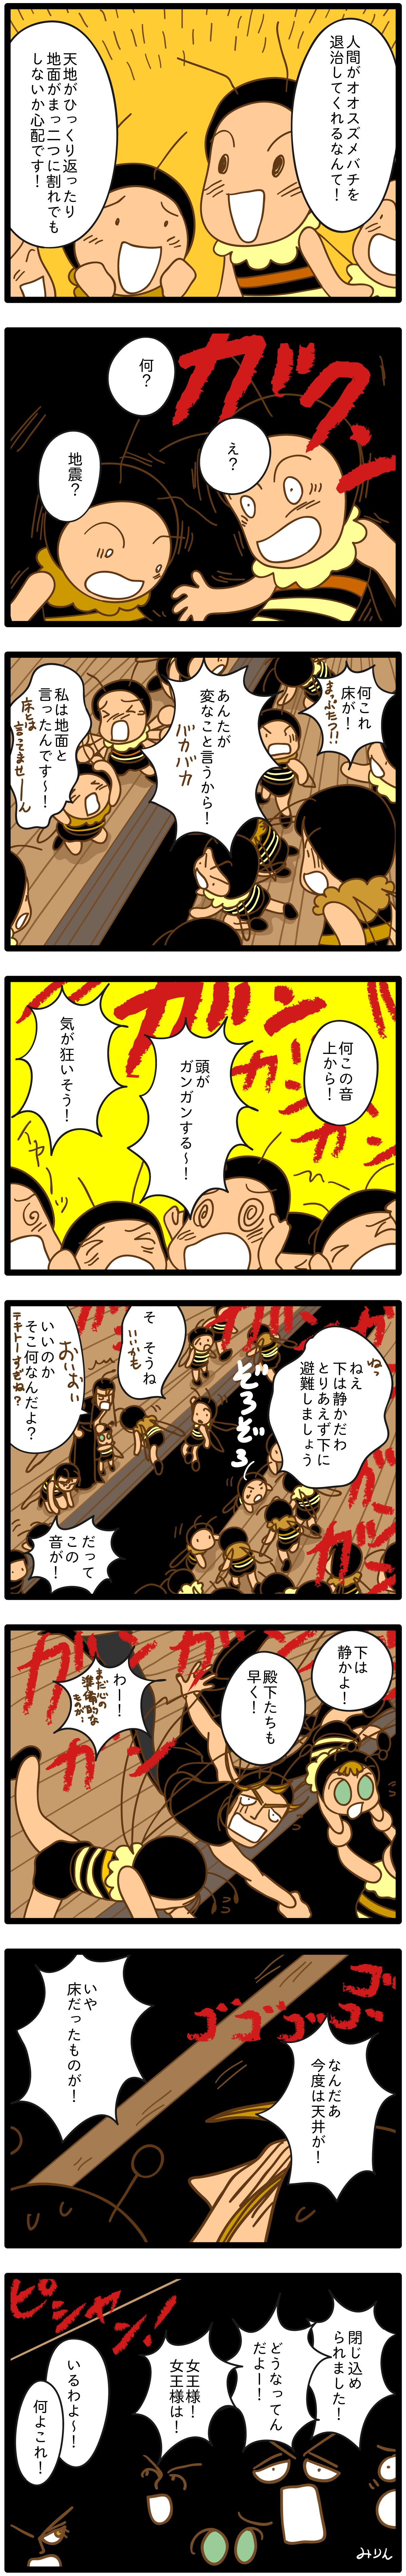 126. 晩秋の防衛戦(16)